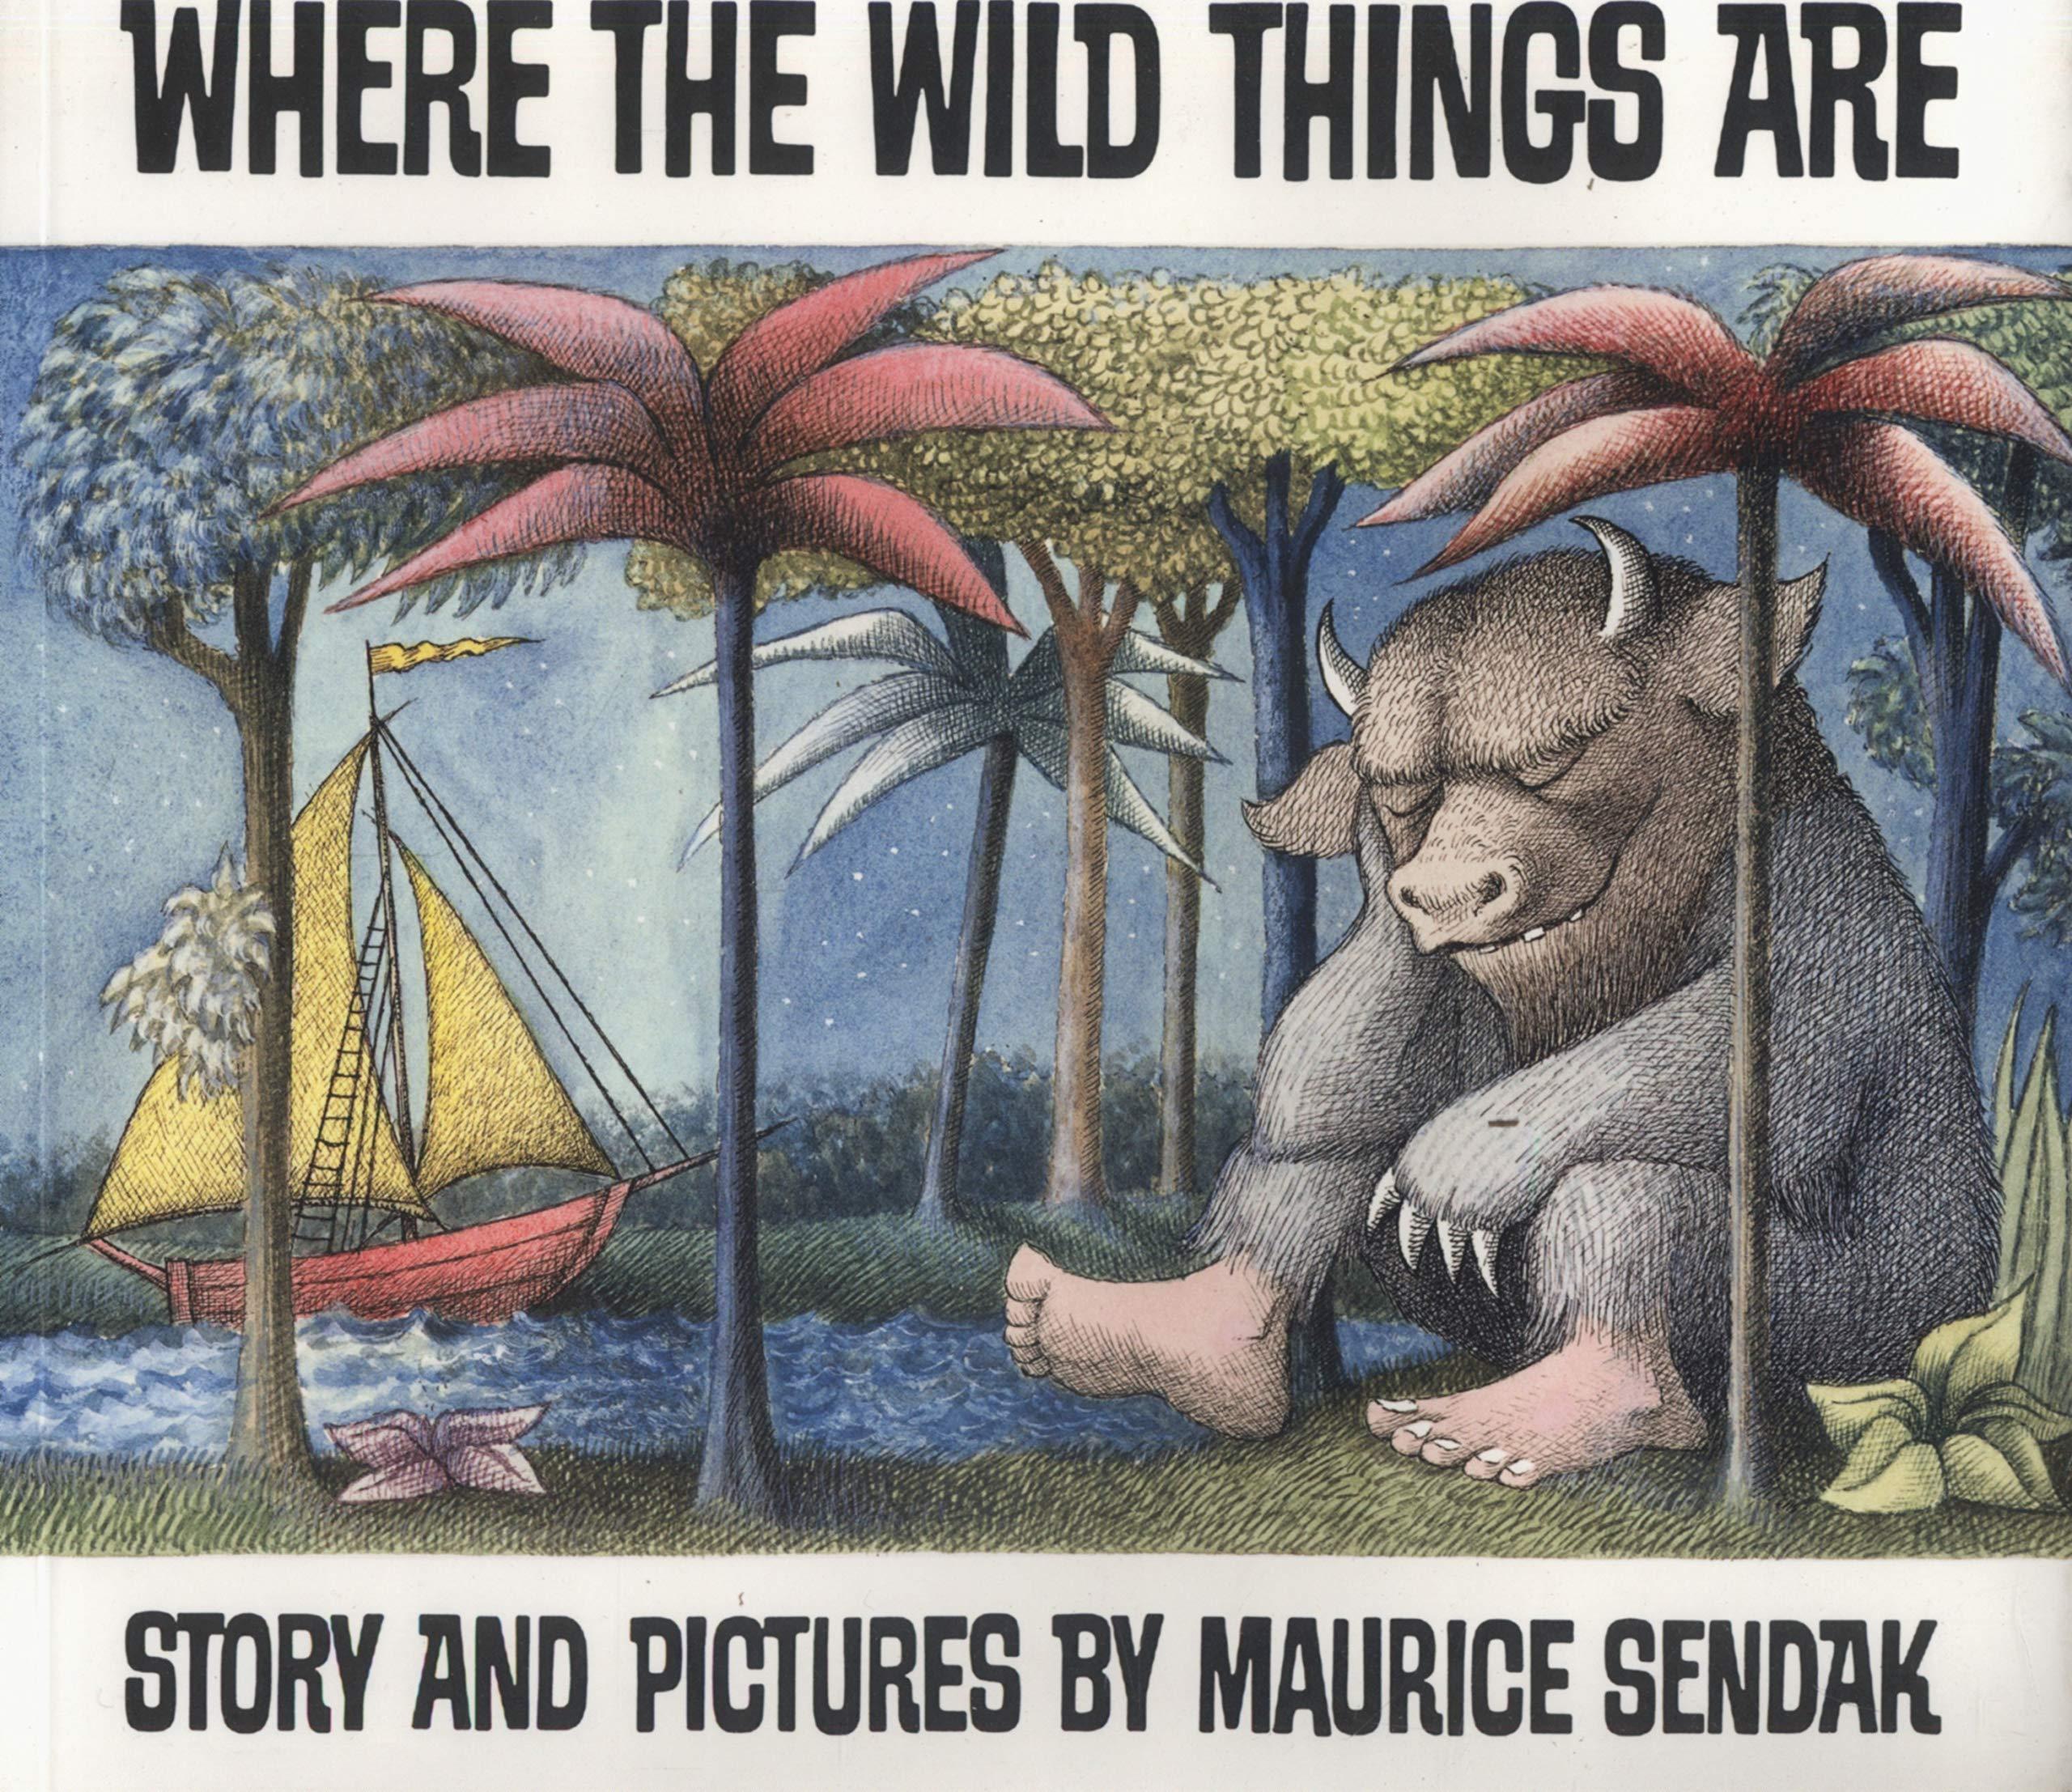 91mBbc2qZYL Antiques Expert Reveals Ten Common Children's Books That Could Make You Thousands